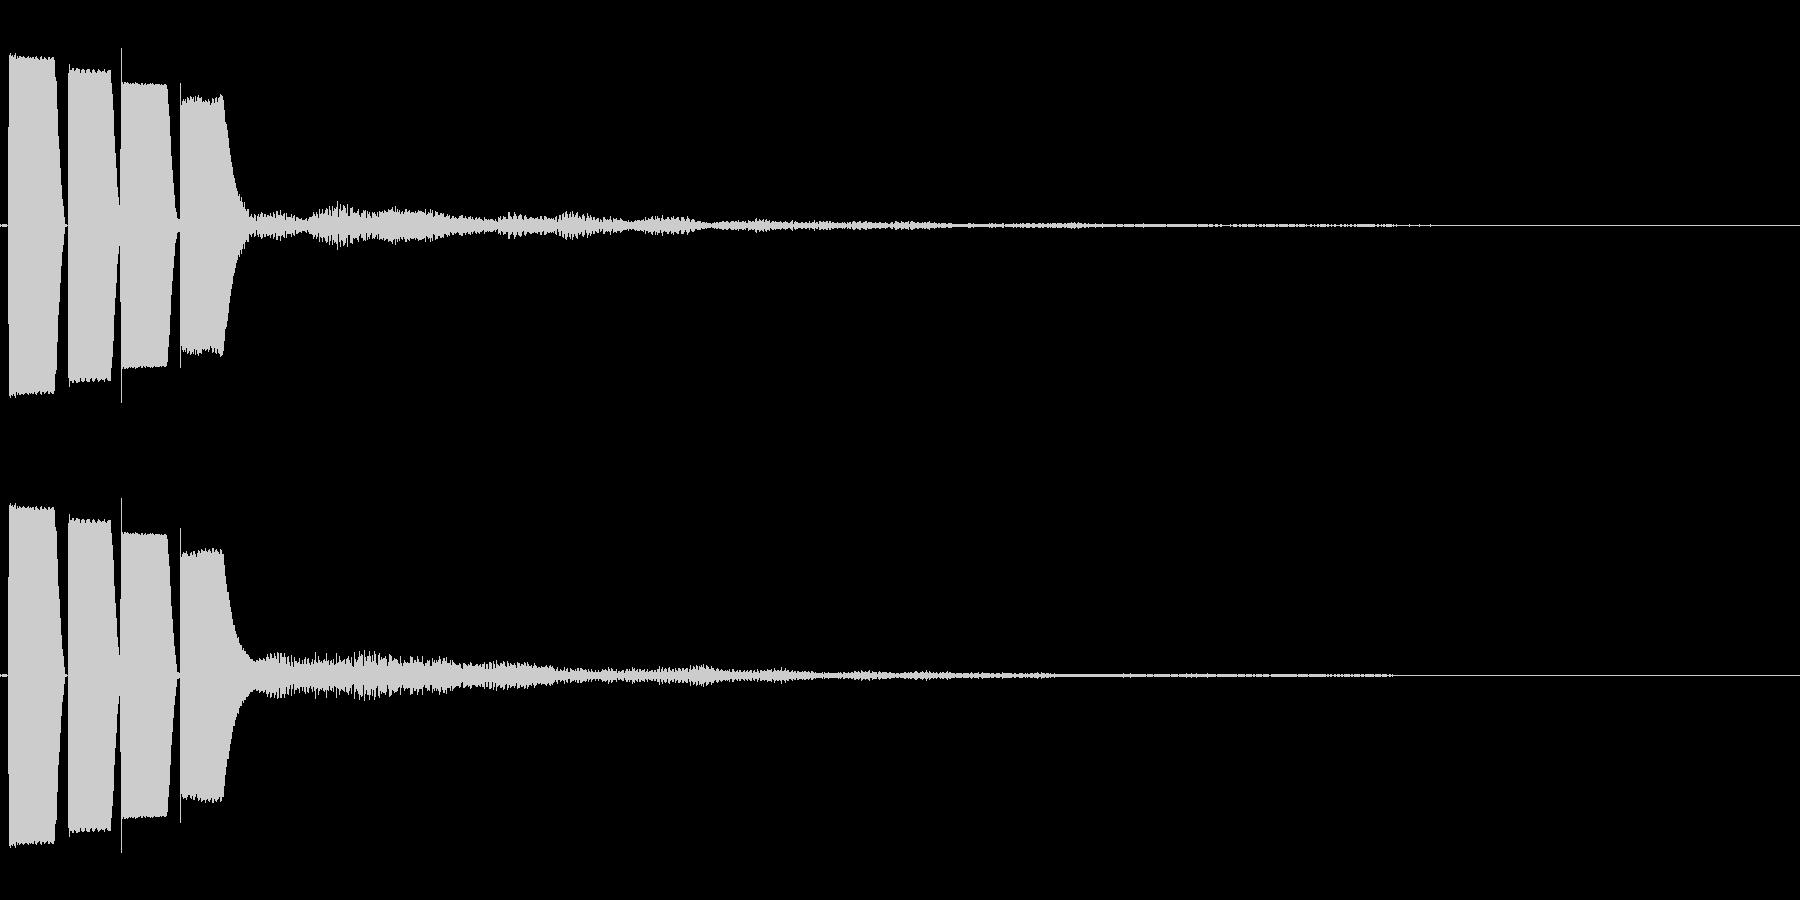 決定音/ボタン/システム/シンプル E3の未再生の波形